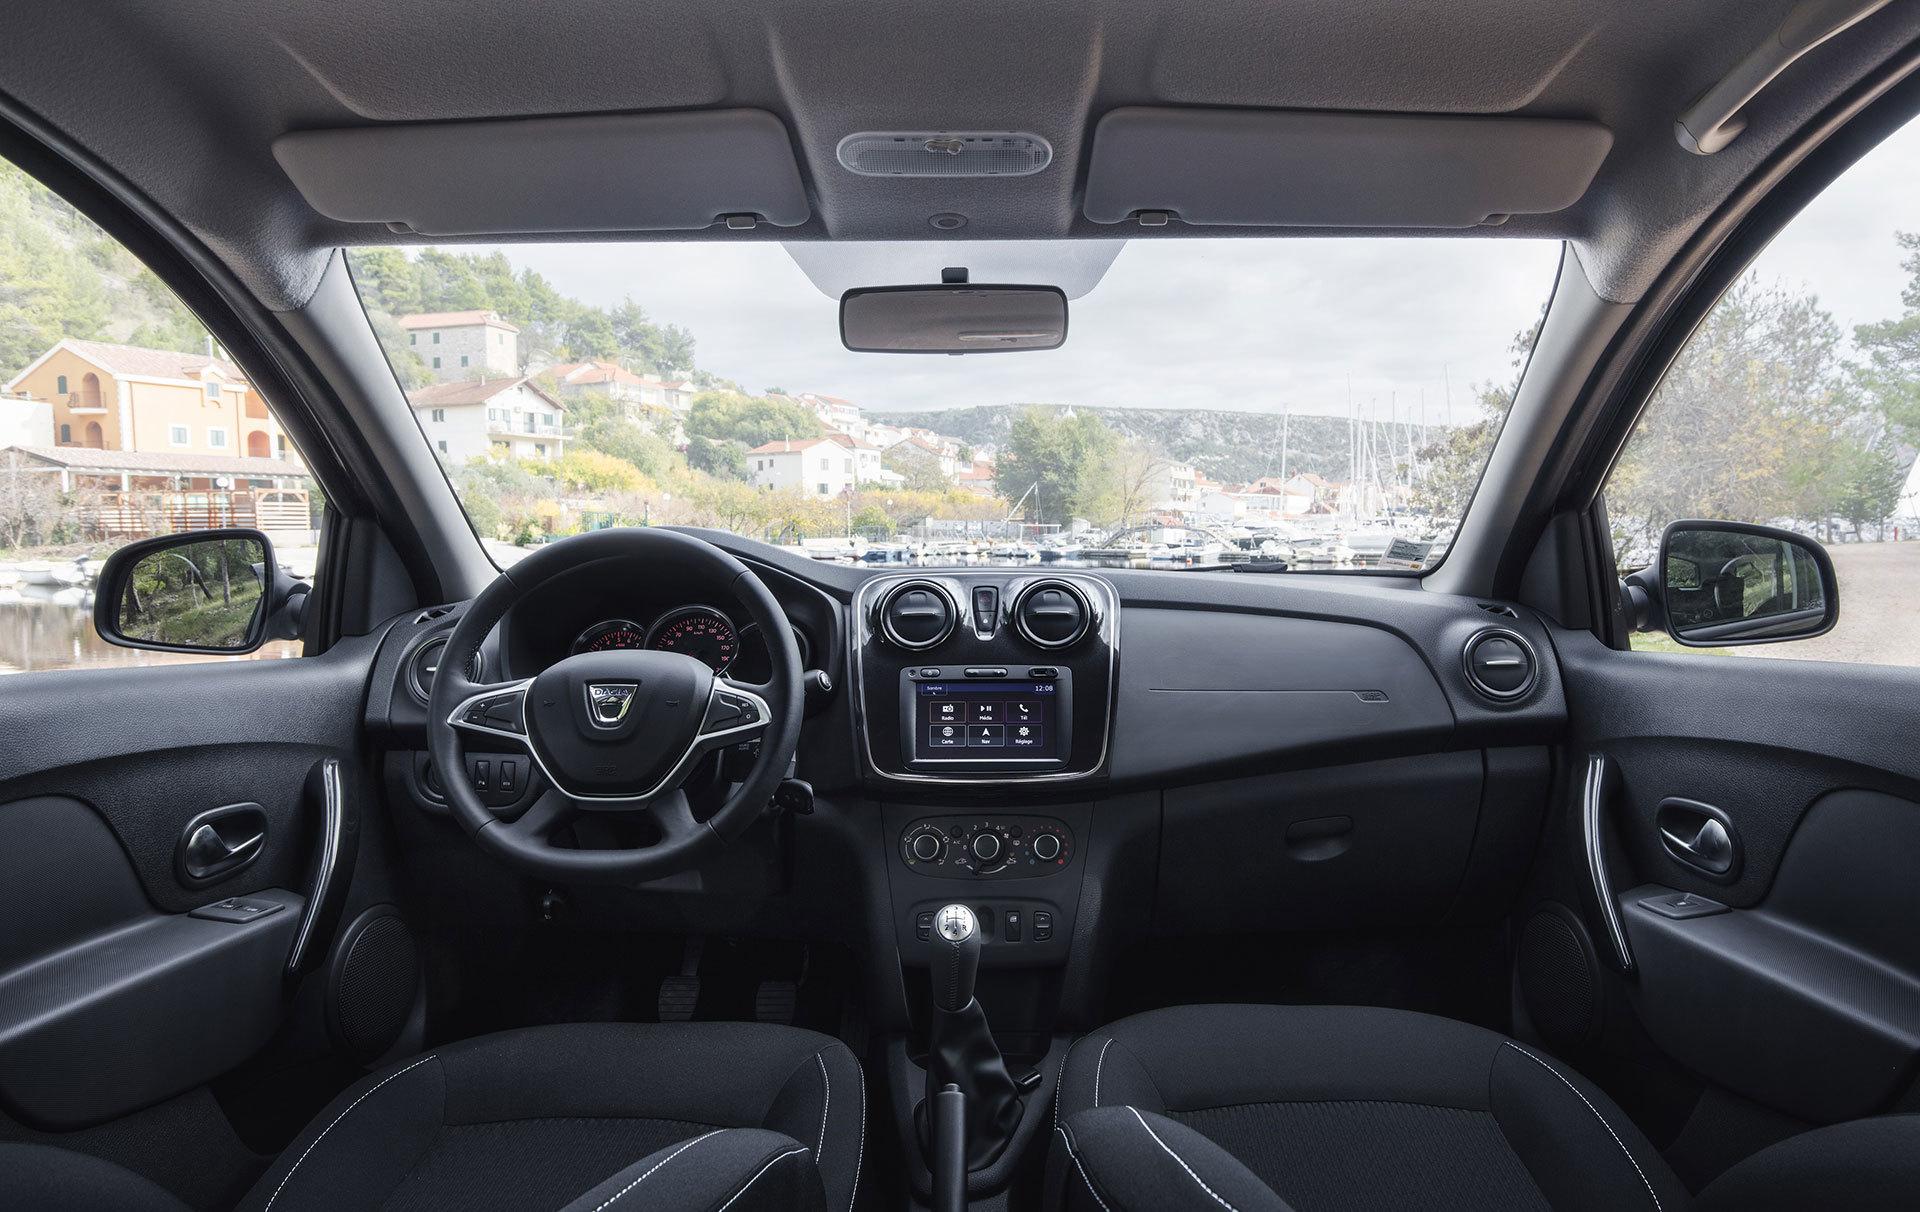 Dacia Sandero 2019 Marron Interior 10